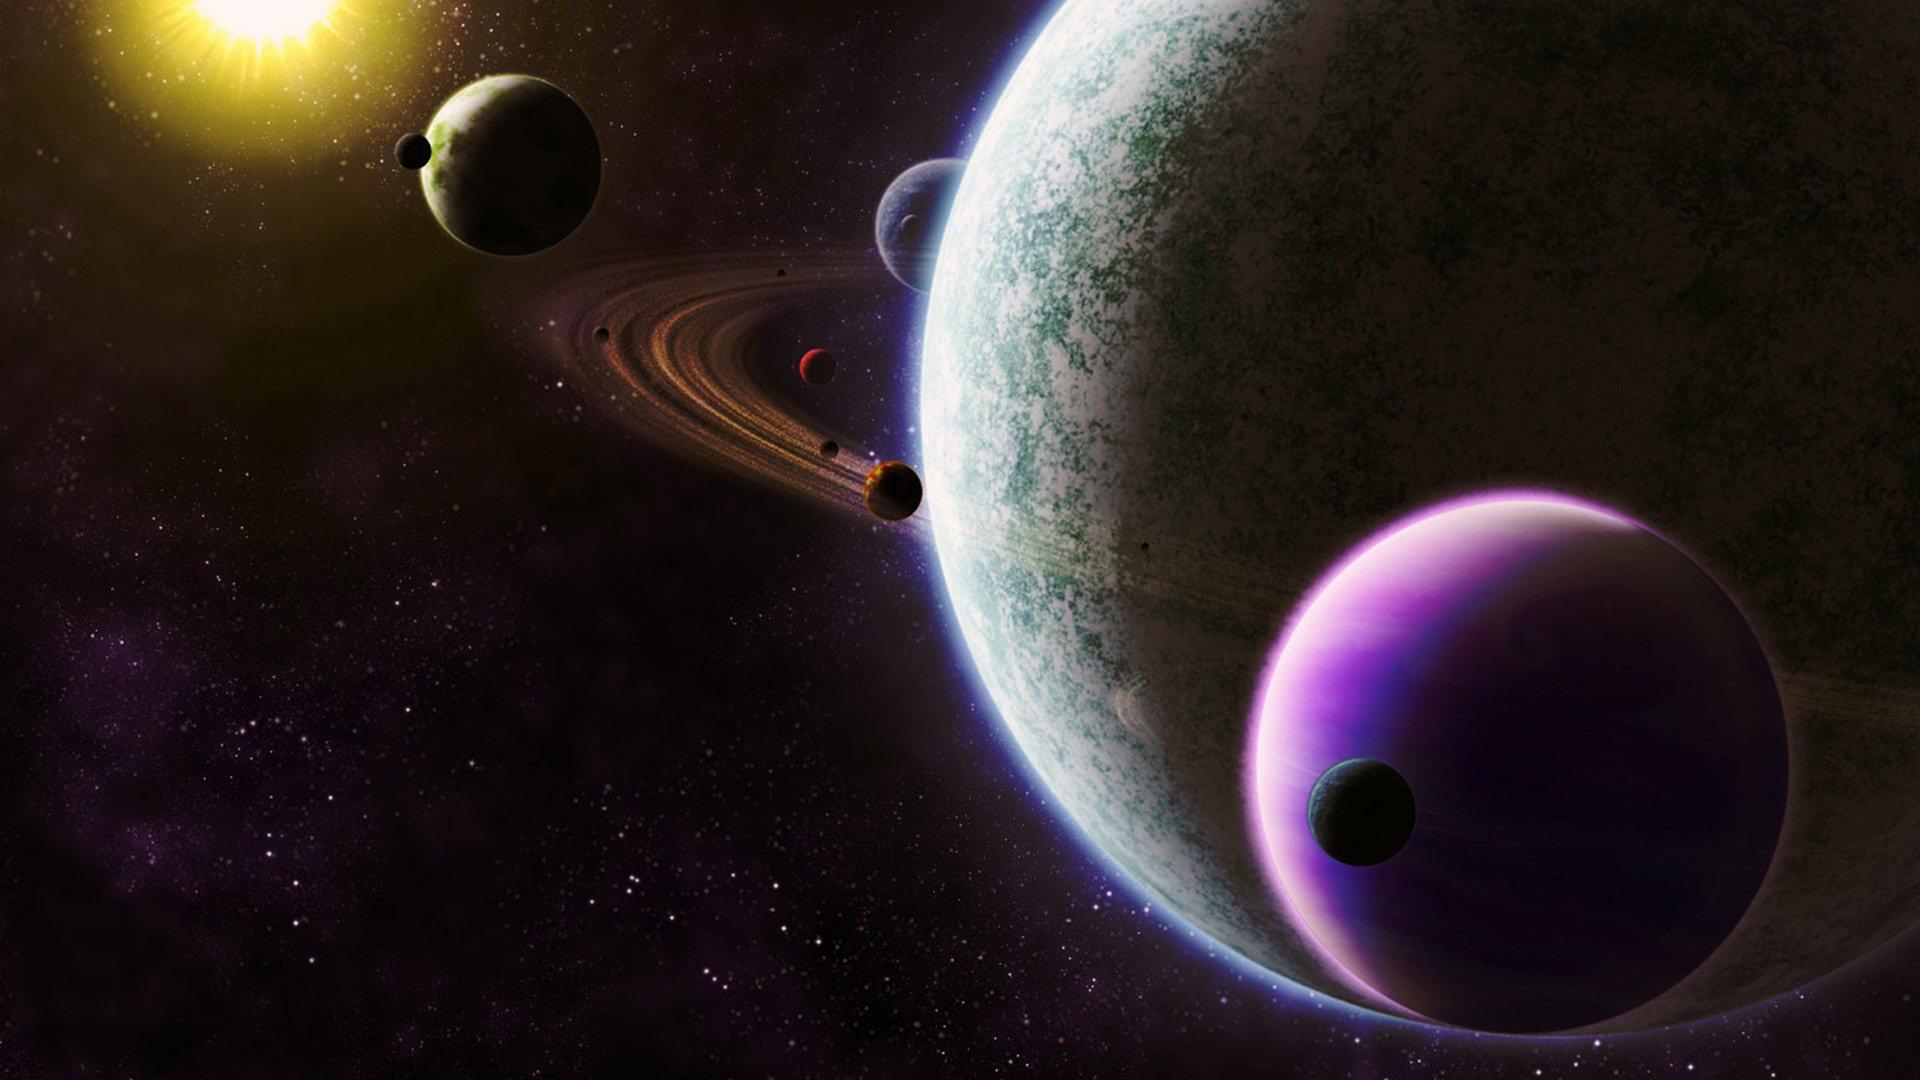 планетная система, планеты, космос, скачать фото